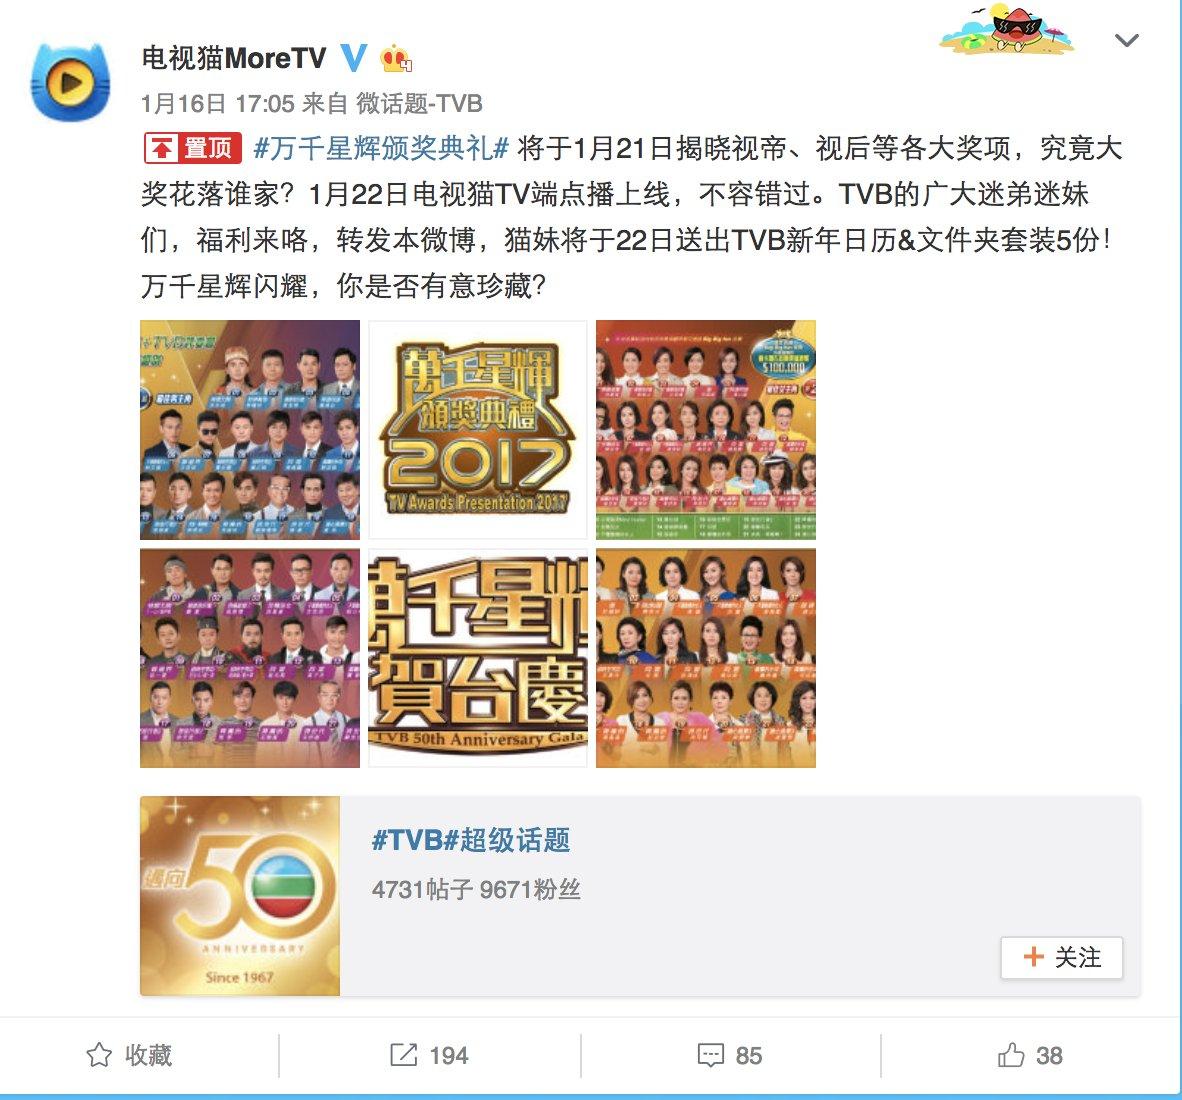 TVB万千星辉颁奖典礼2017蓄势待发 和云视听MoreTV看全程